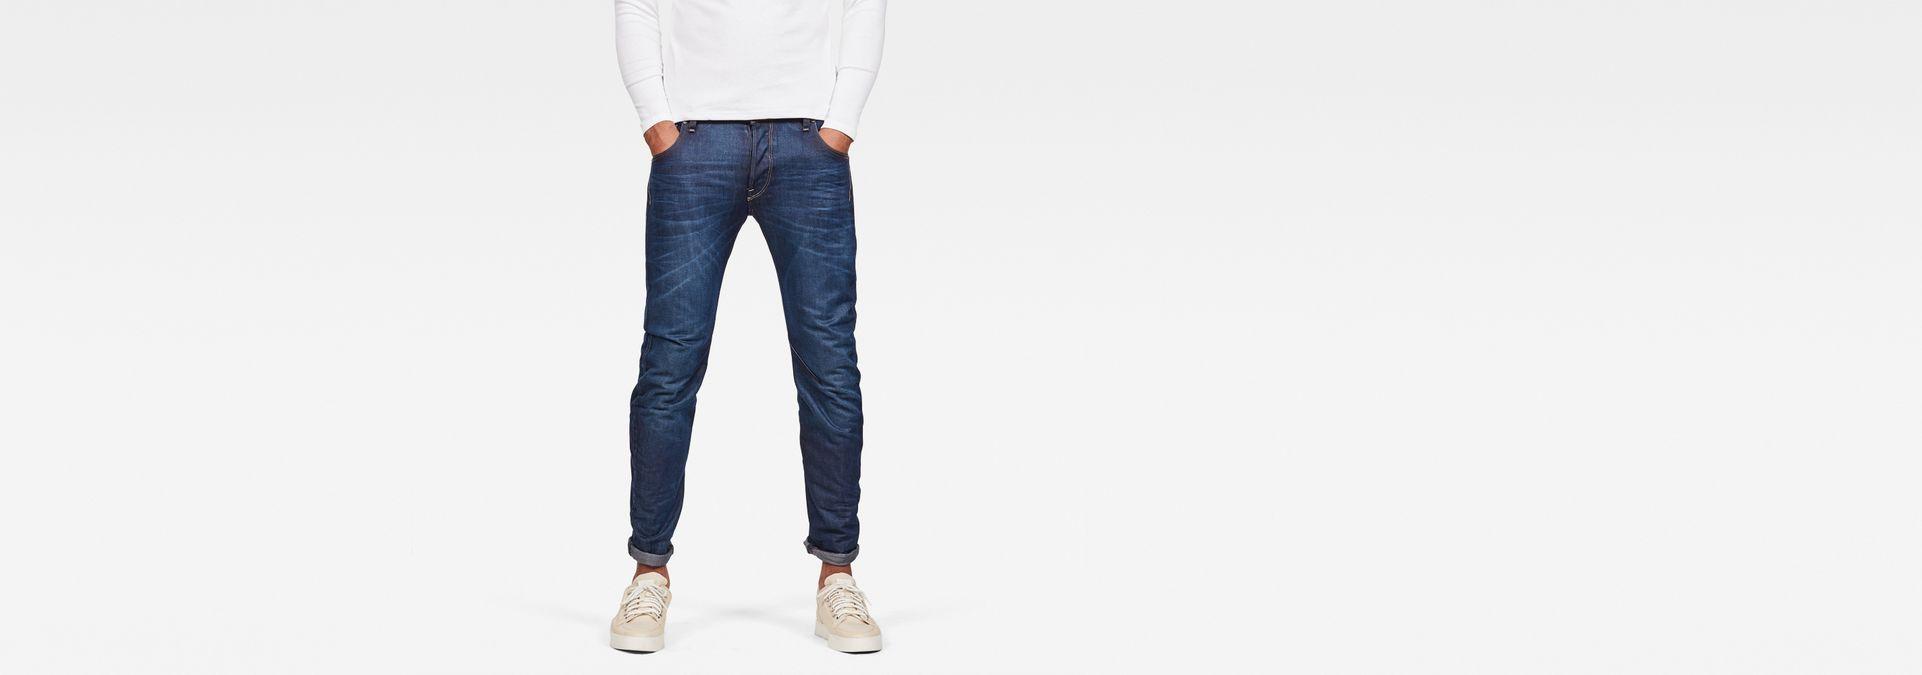 Adidas Voor Dames Nieuwste 2019 SaleDe Schoenen lT1c3FJK